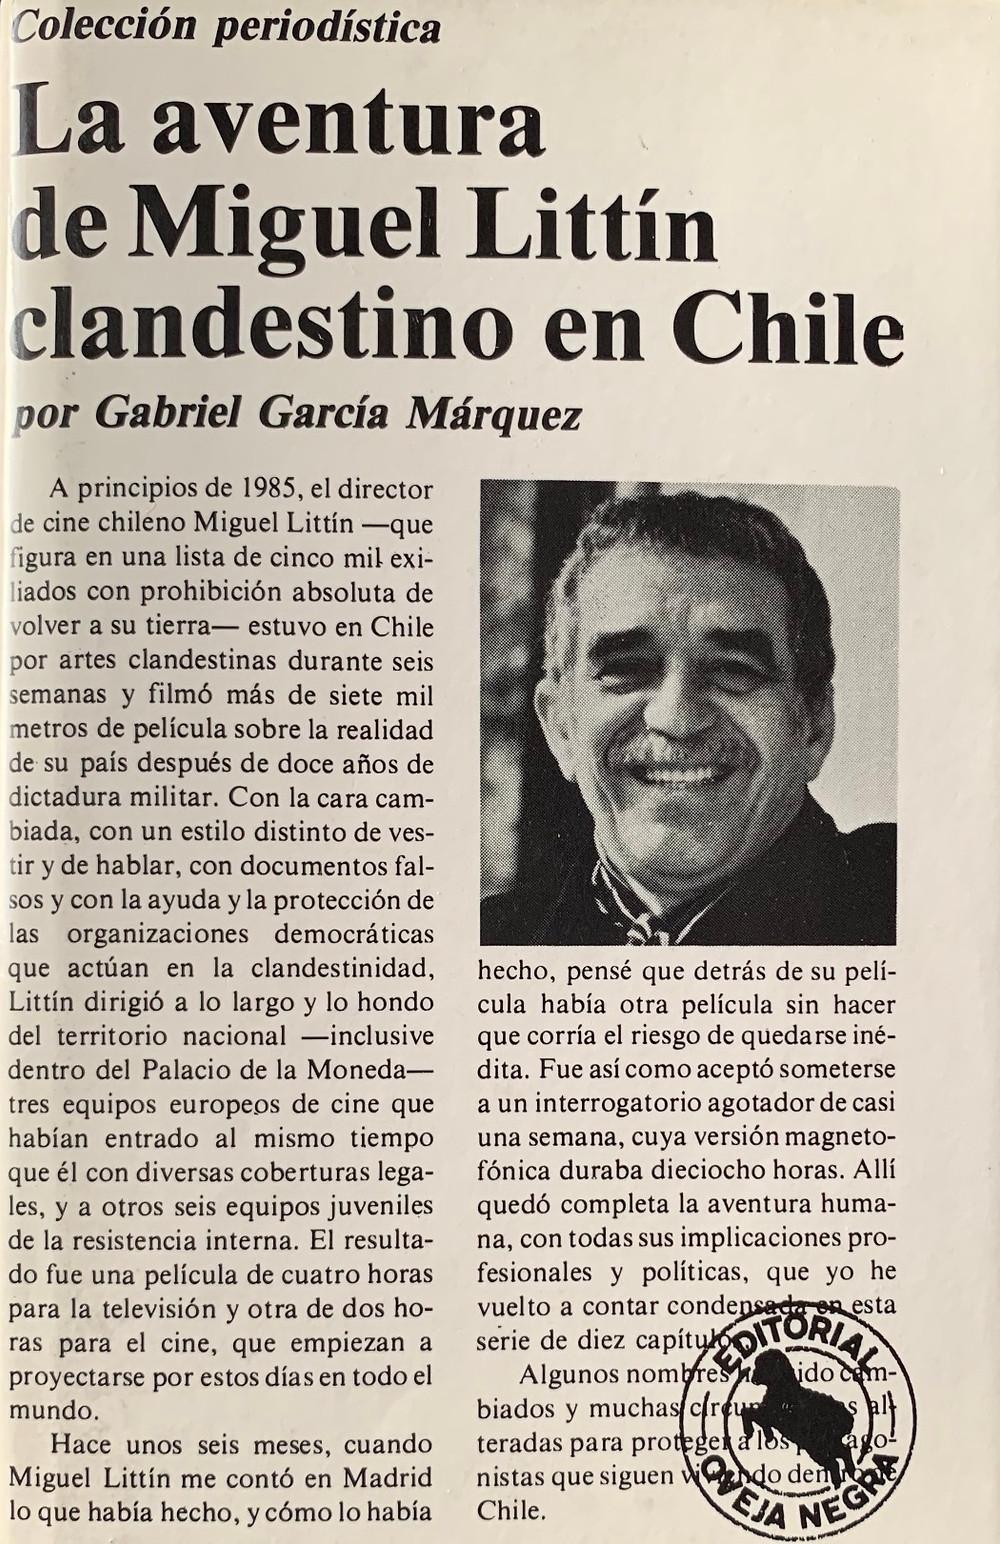 La aventura de Miguel Littín clandestino en Chile (1985), Relato de un náufrago  (1970) y Noticia de un secuestro (1997) son los grandes libros de no ficción escritos por García Márquez.